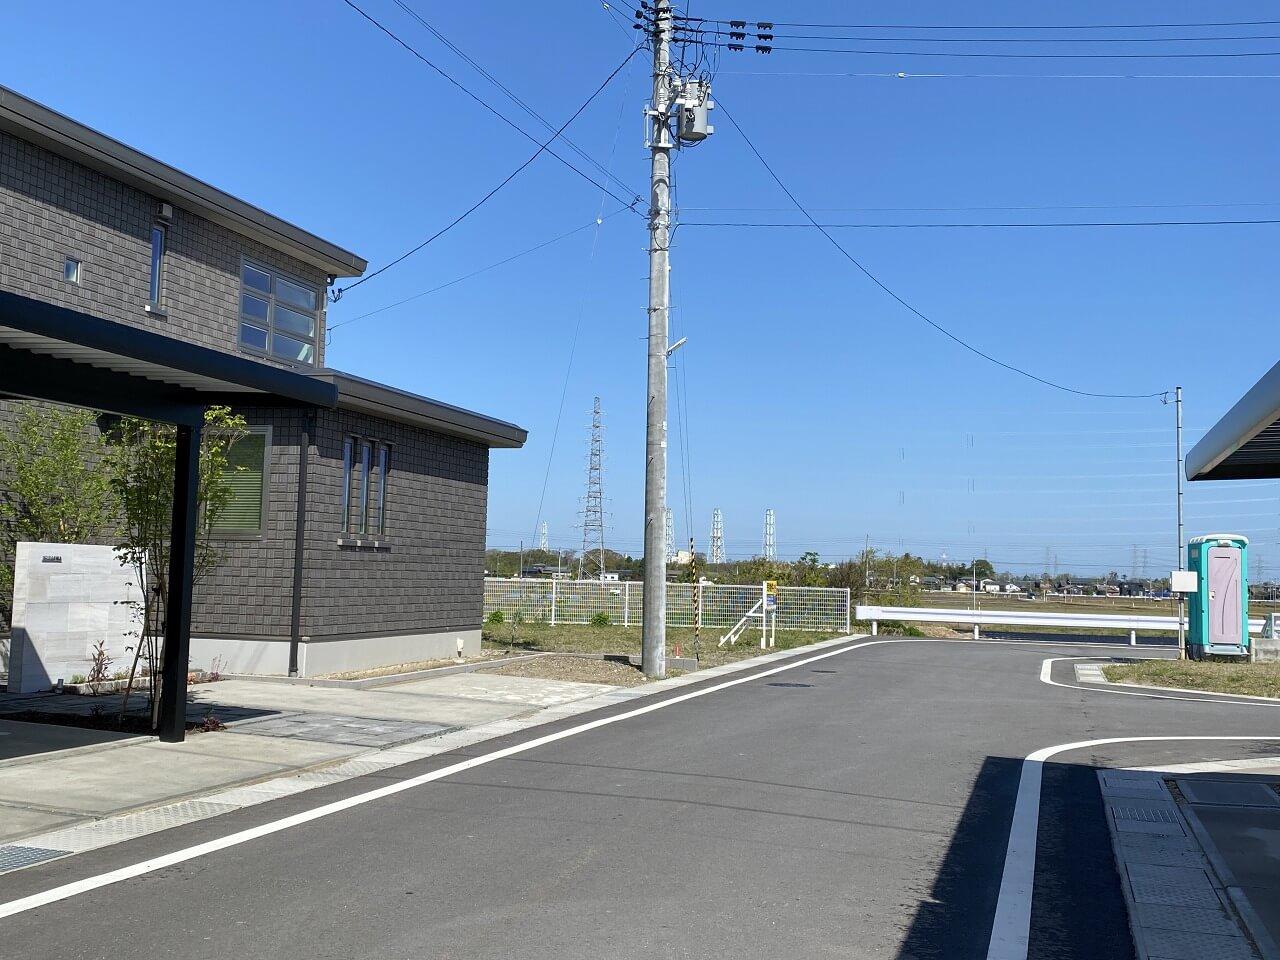 新潟県北蒲原郡聖籠町諏訪山の区画図